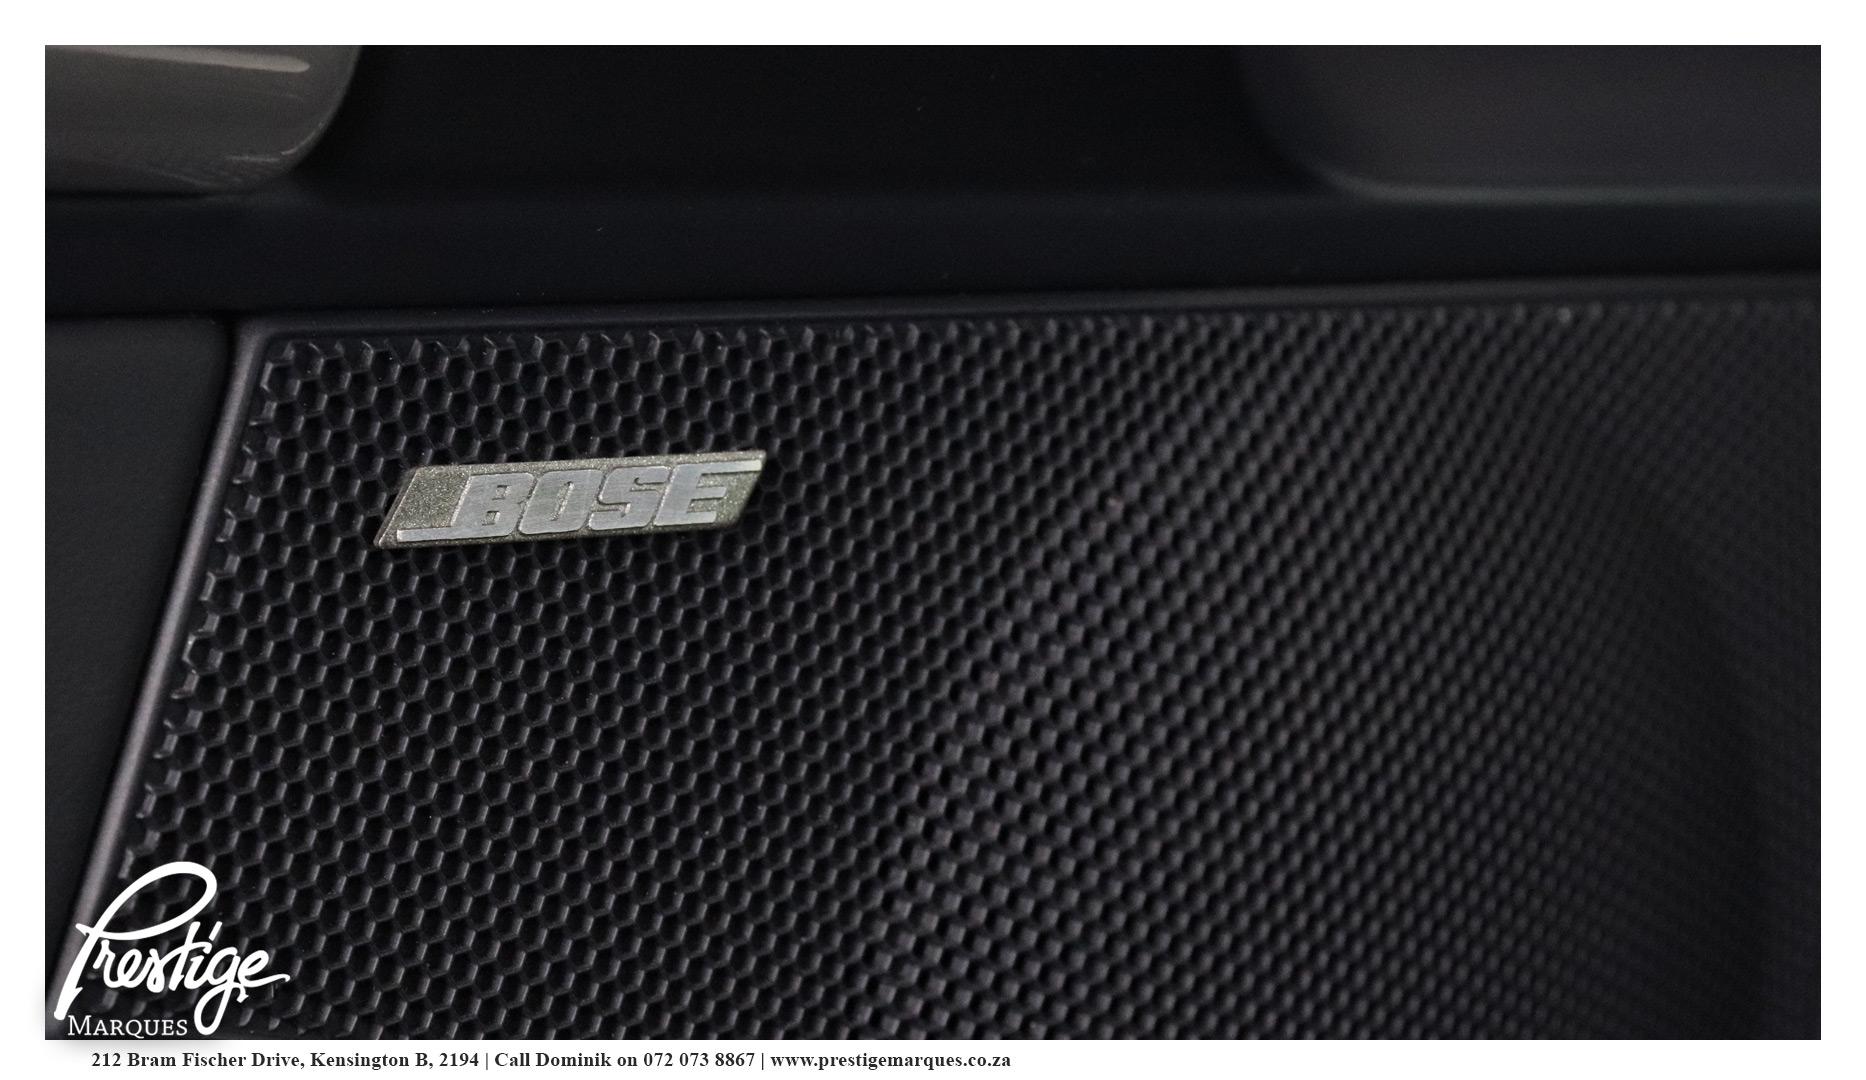 2007-Porsche-911-997-Carerra-4s-manual-prestige-marques-randburg-sandton-15